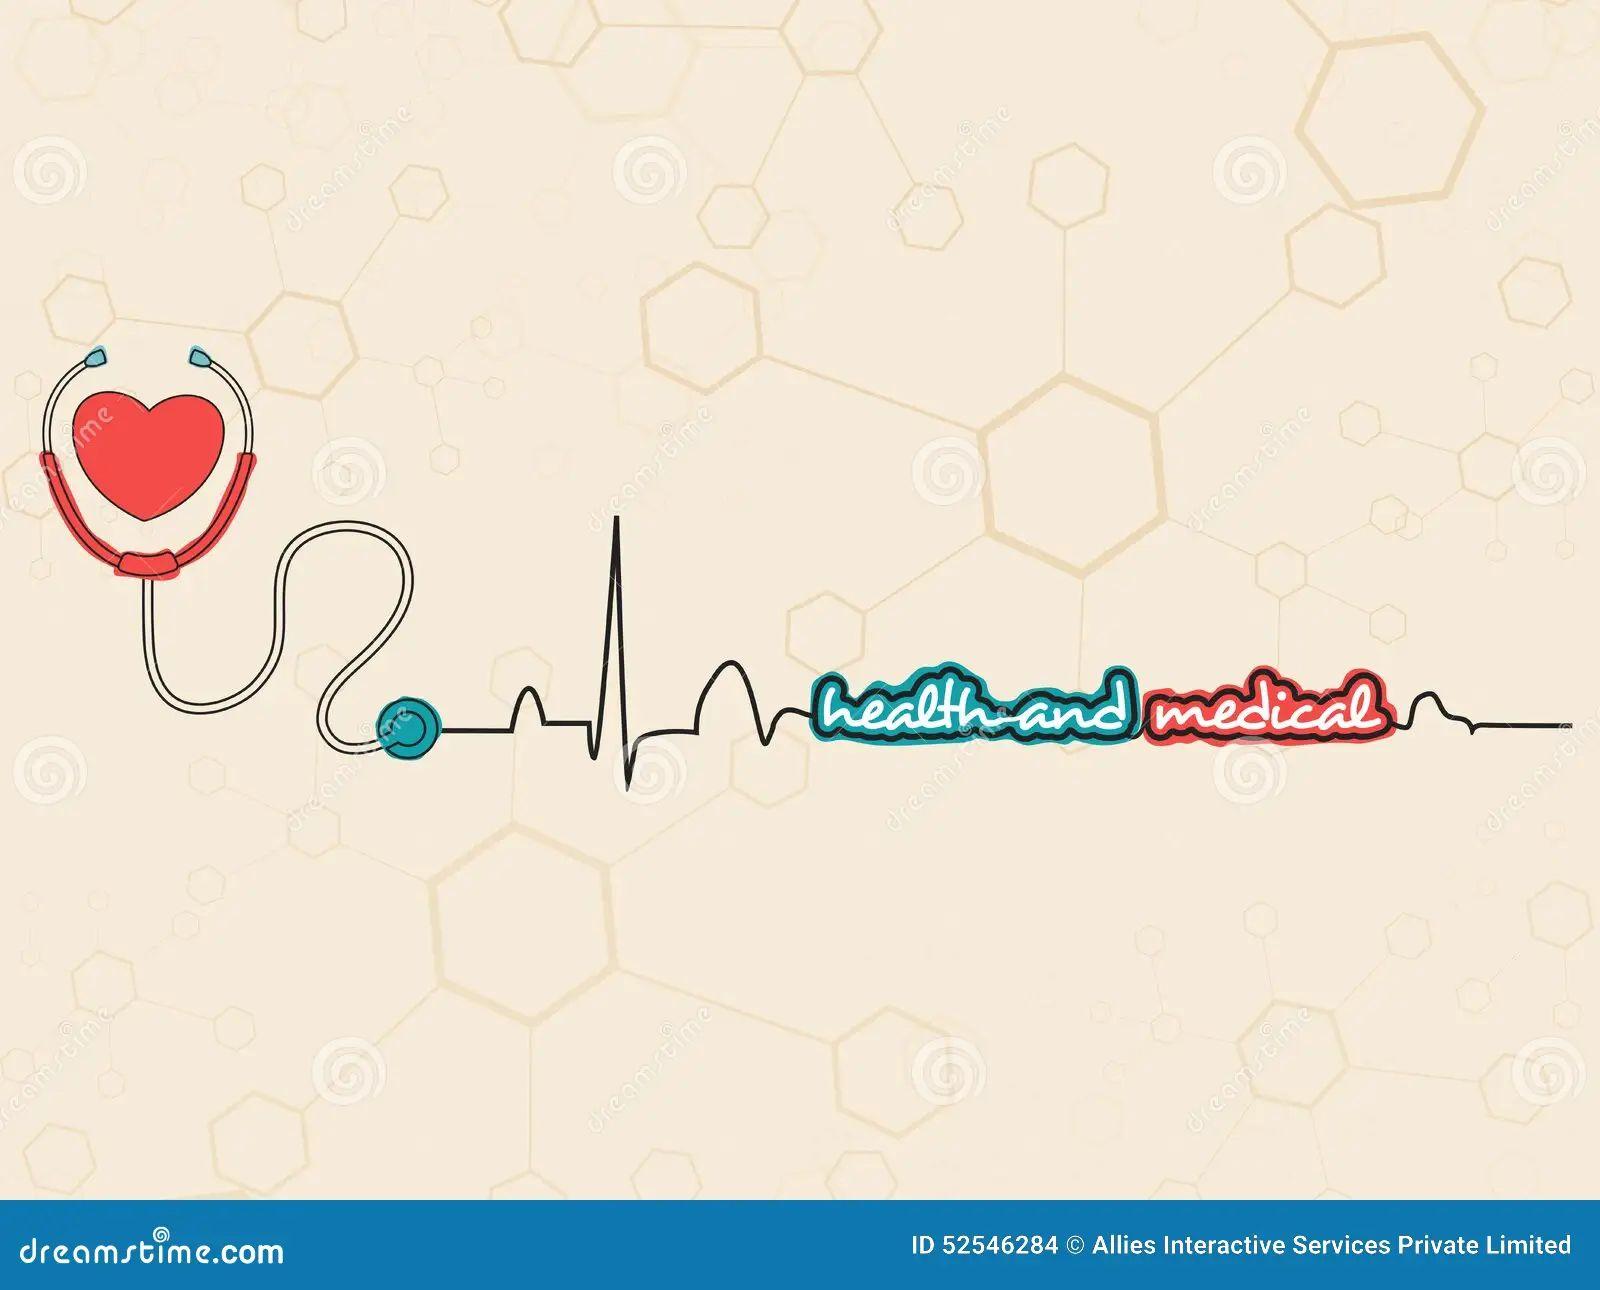 Poster design medical - Download